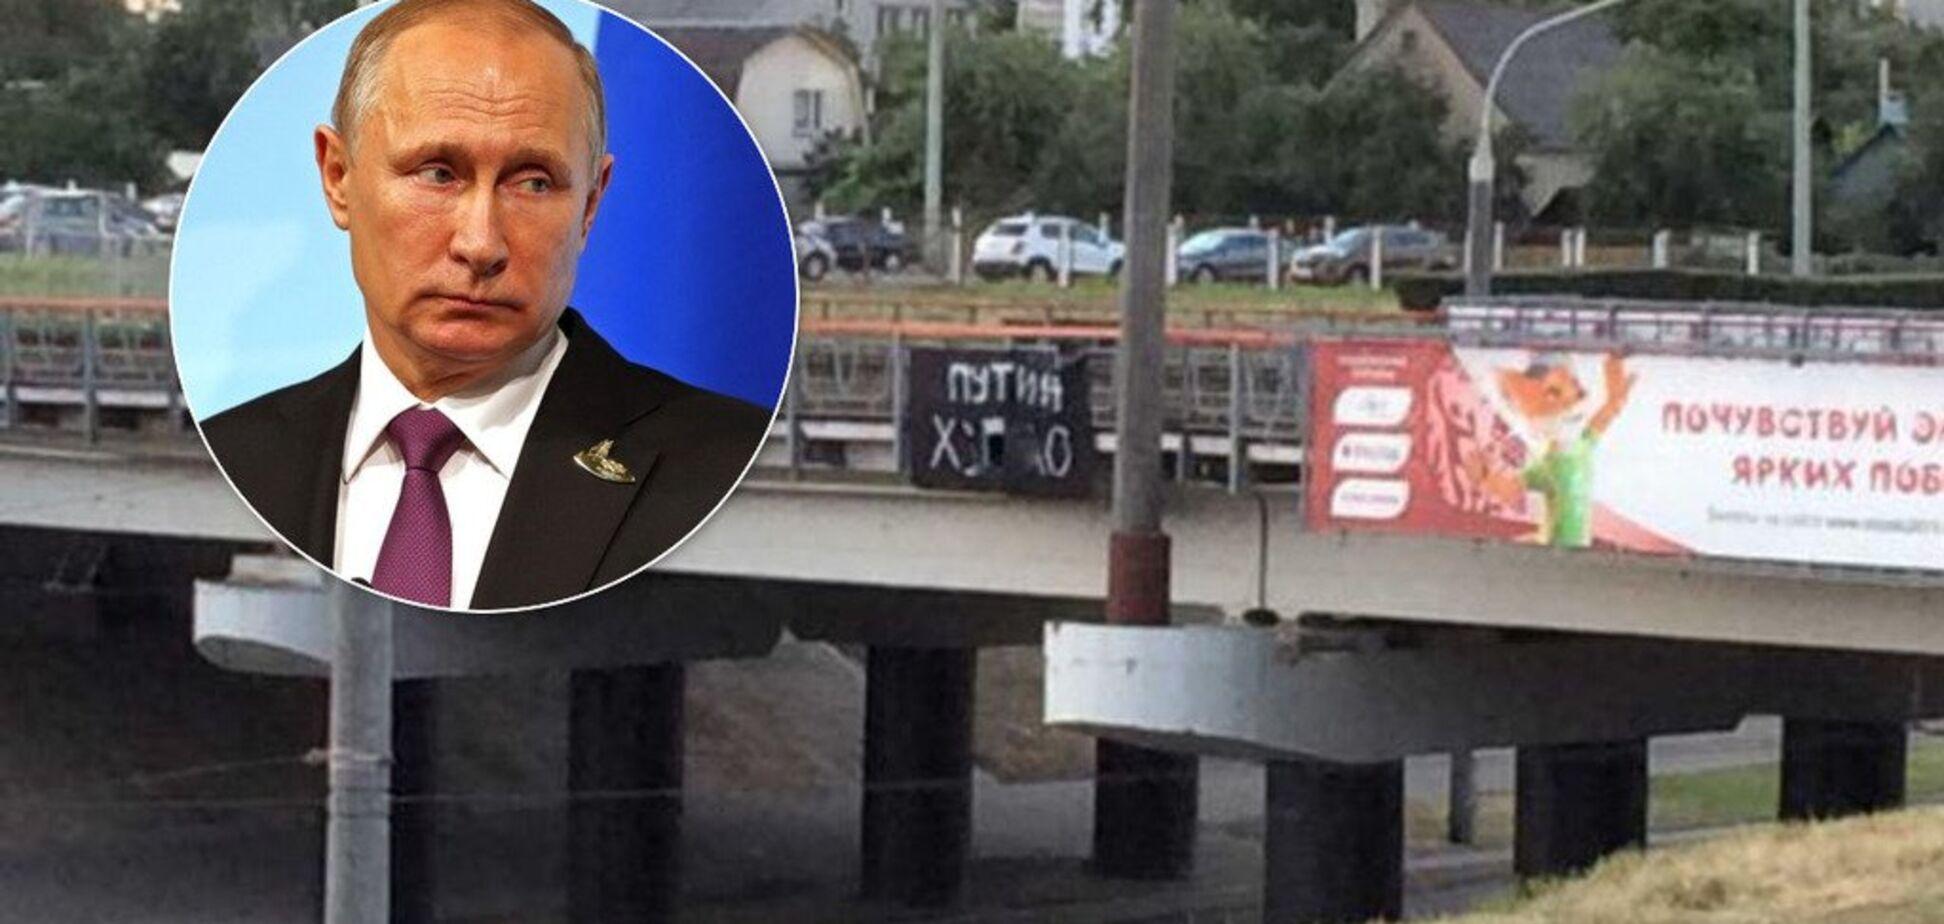 'Путин х**ло': президента РФ на Европейских играх встречают оскорбительными баннерами